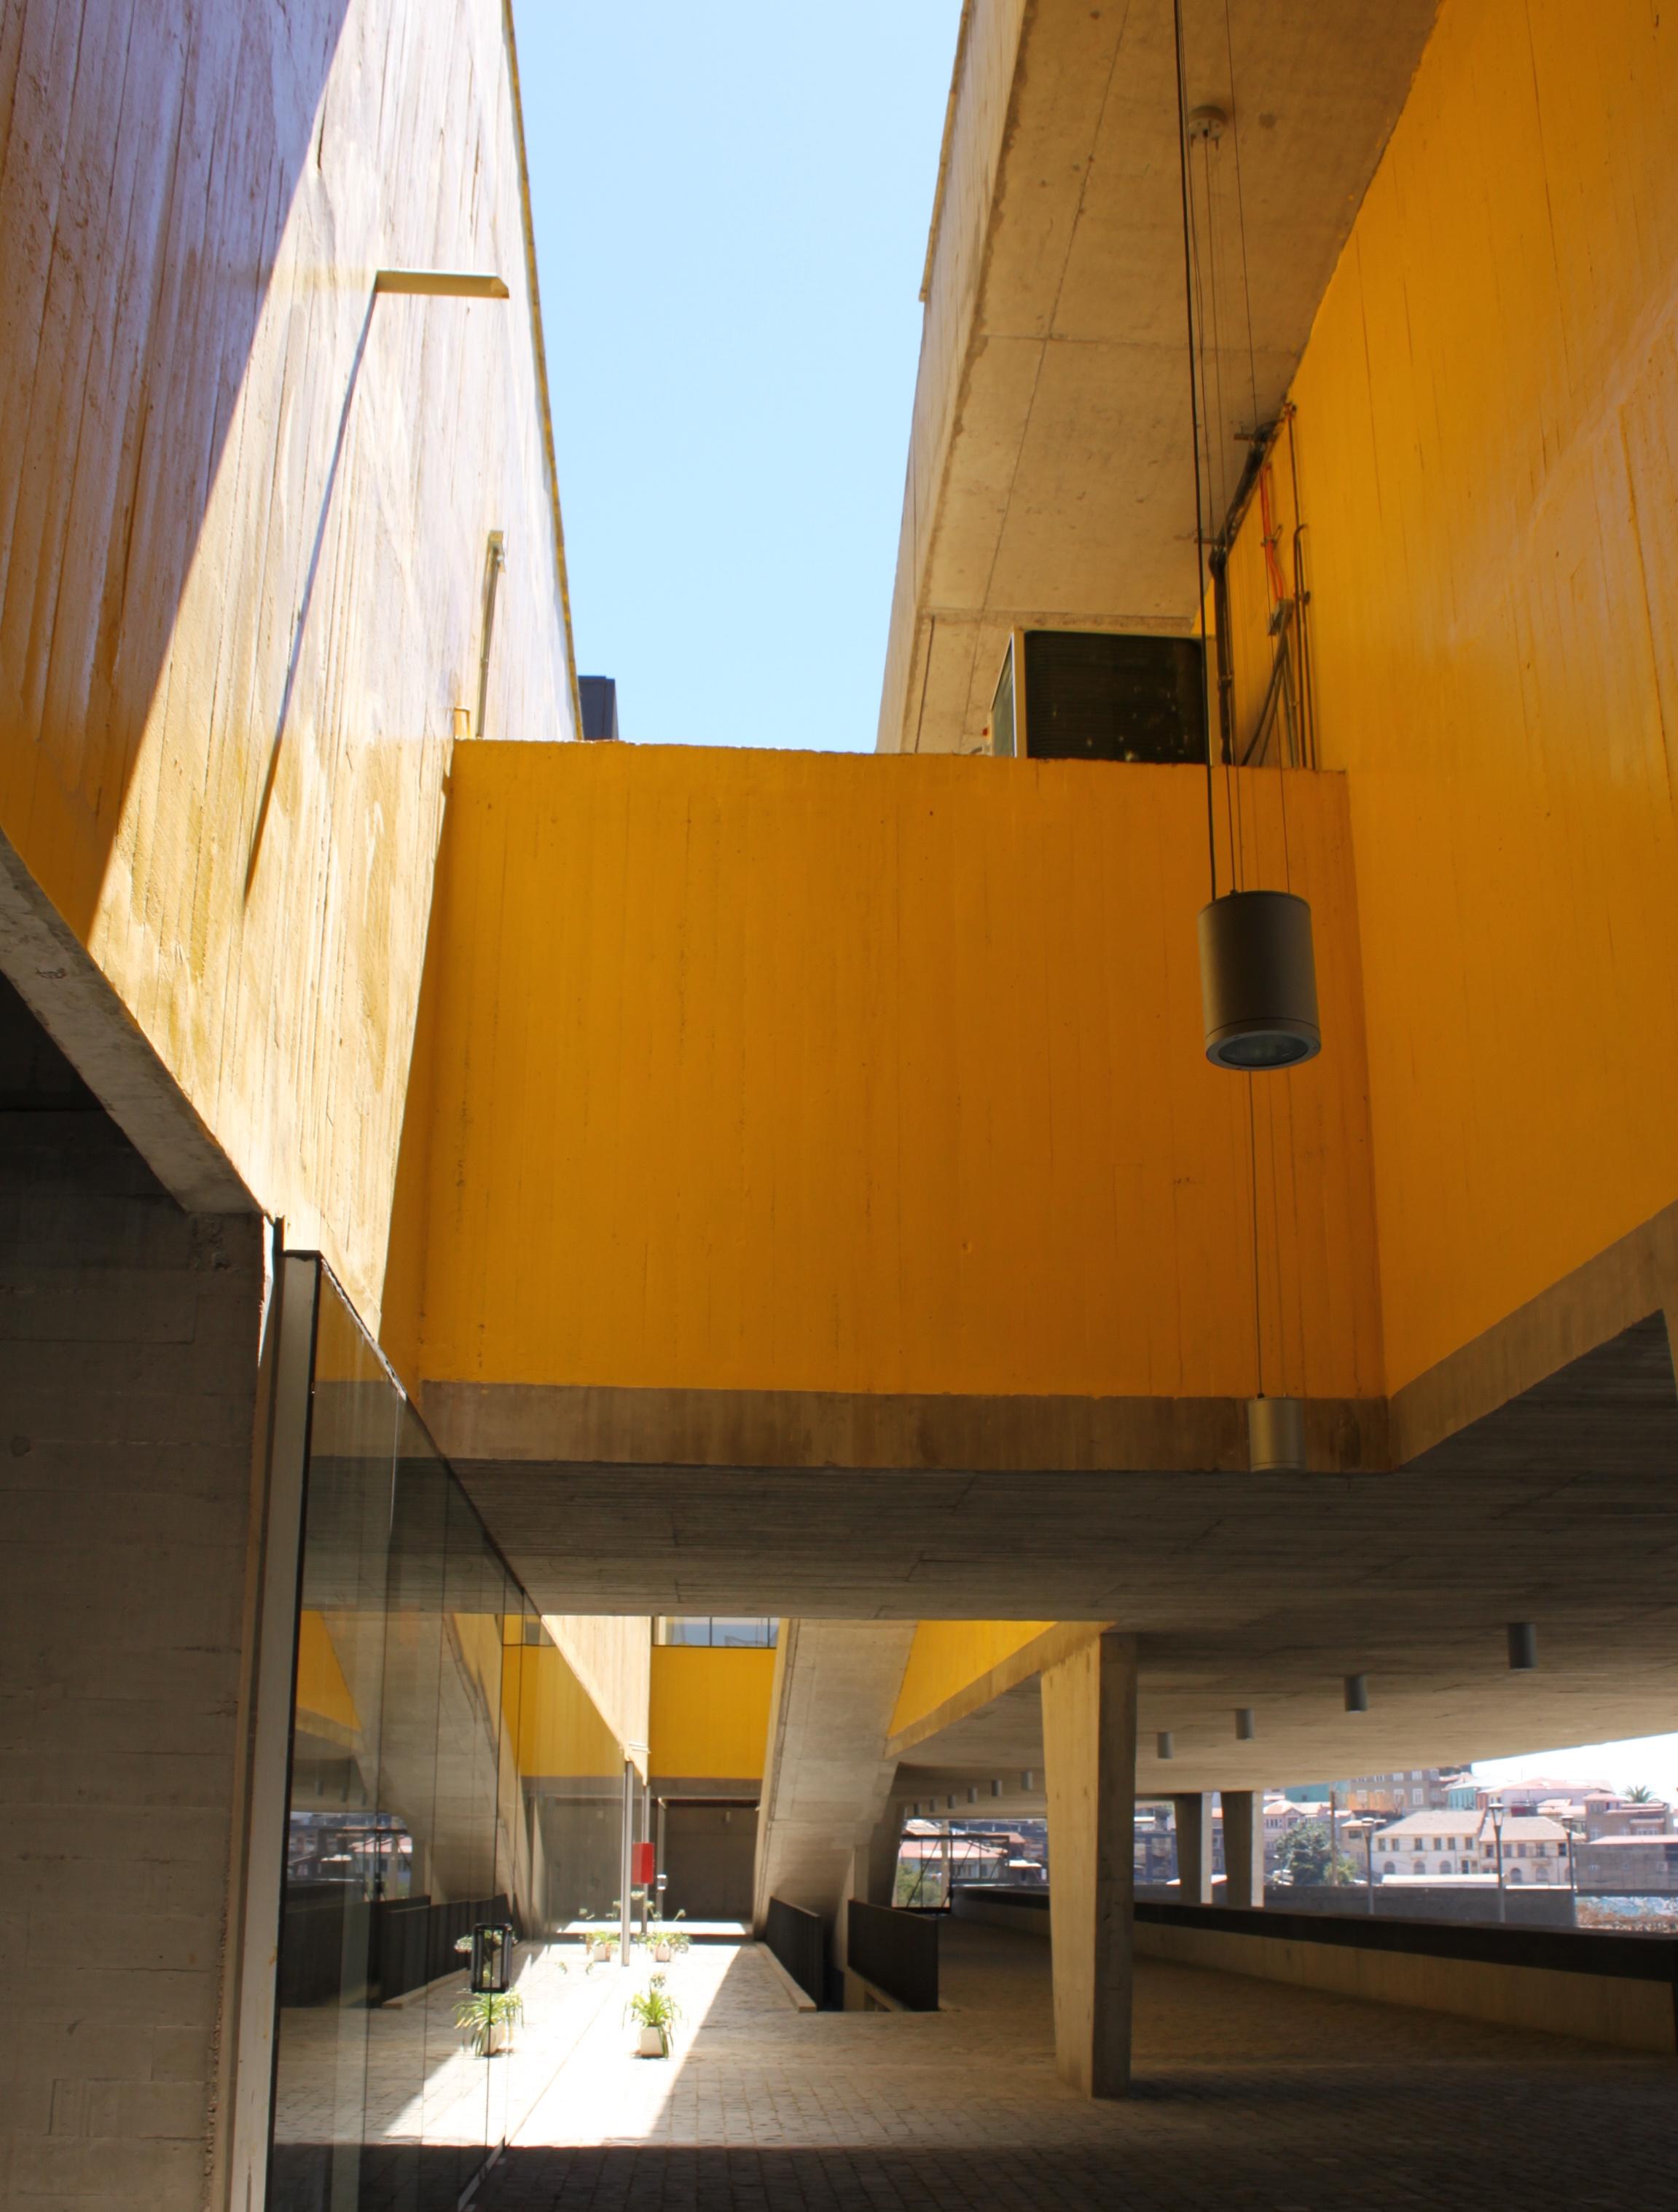 Vista_interior_edificio_Parque_Cultural_Valpara%C3%ADso.jpg